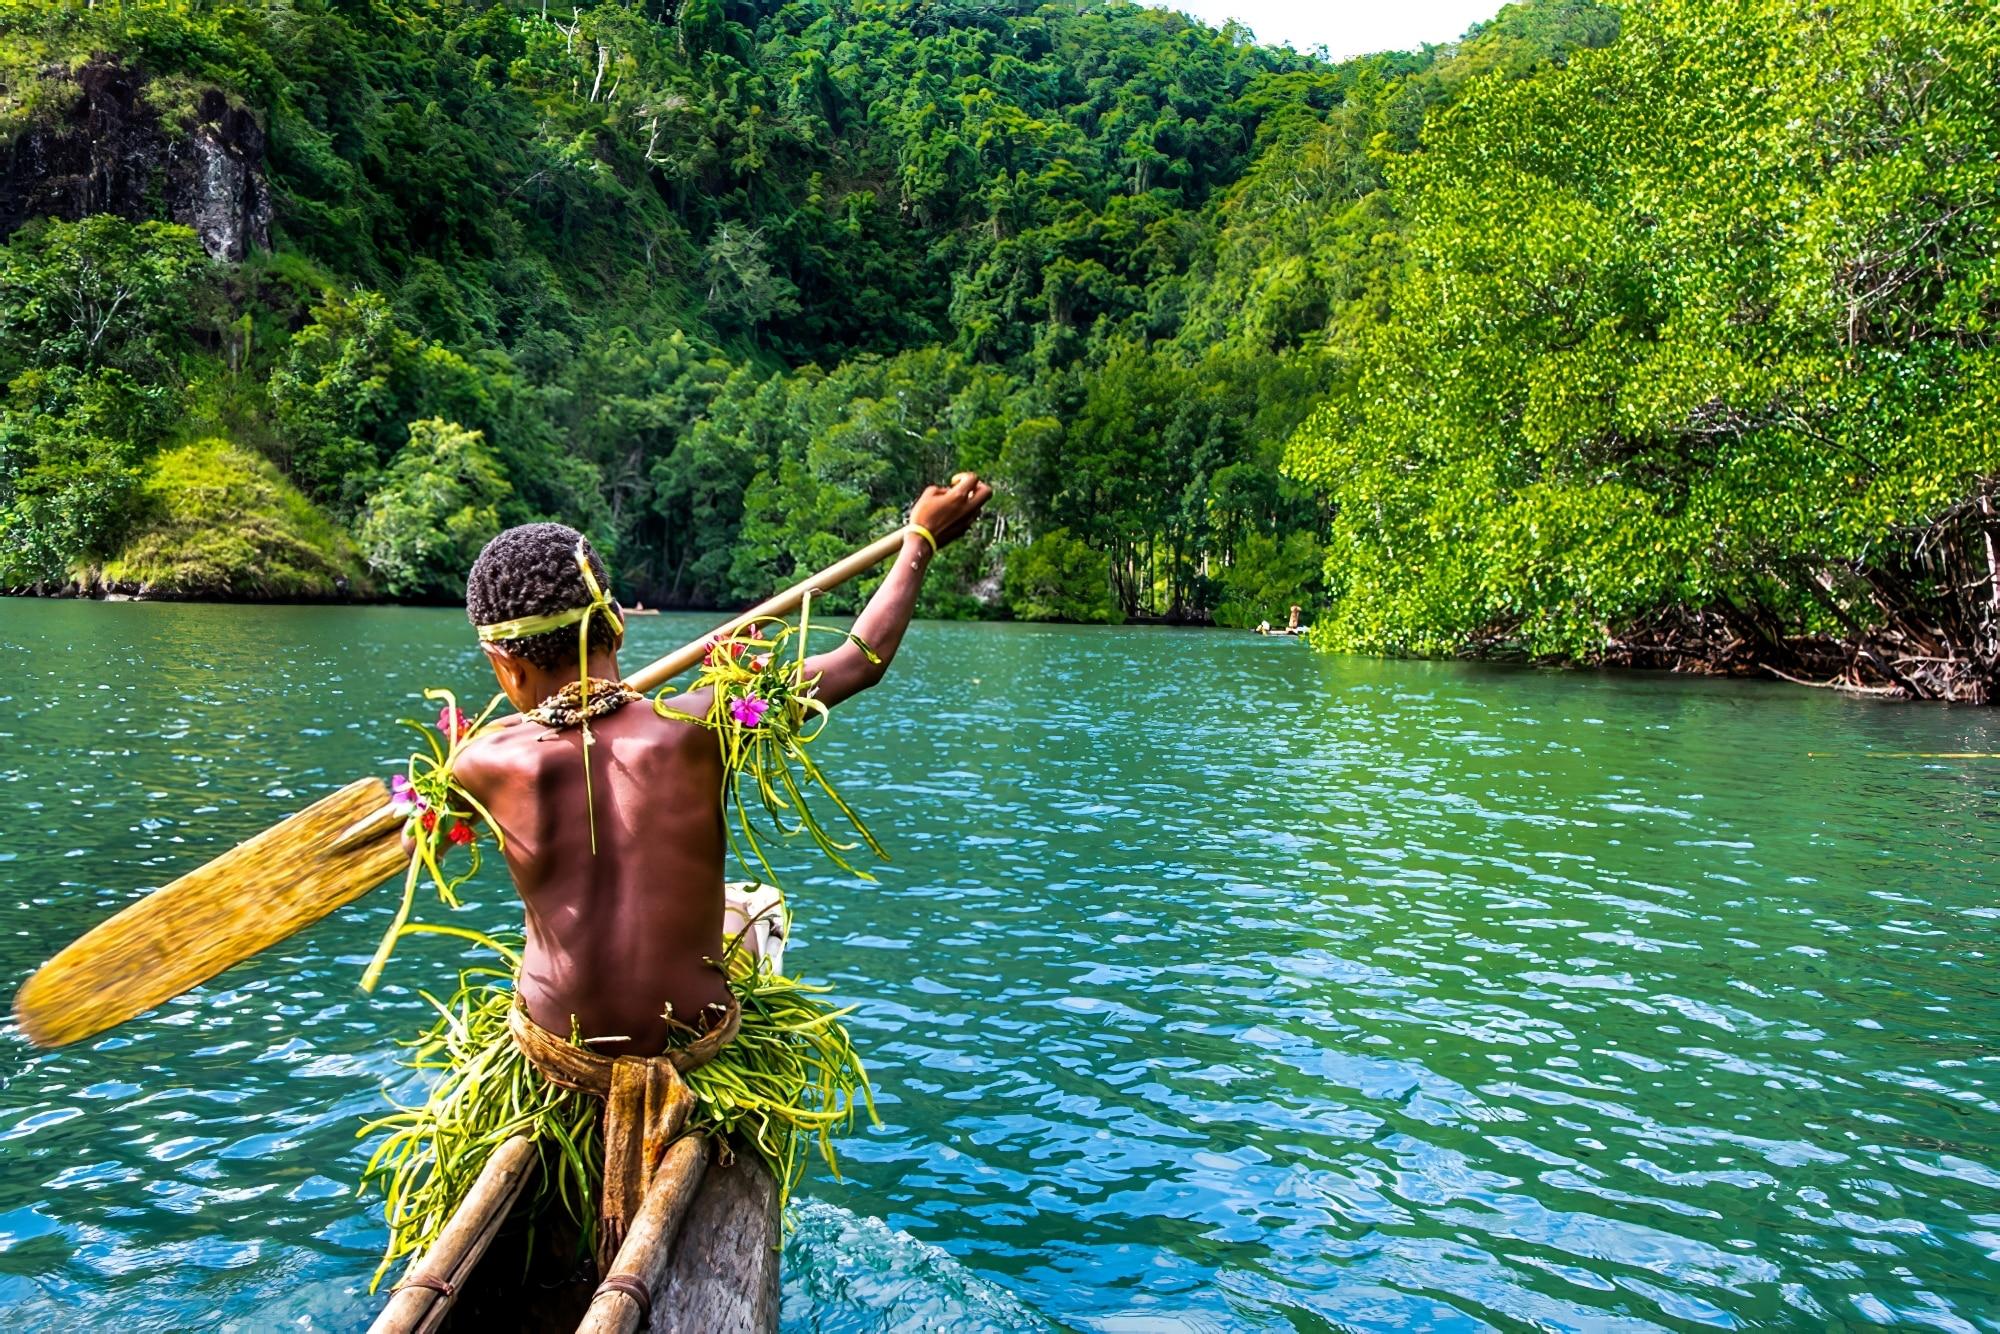 partir decouverte population locale jeune homme papouasie pirogue